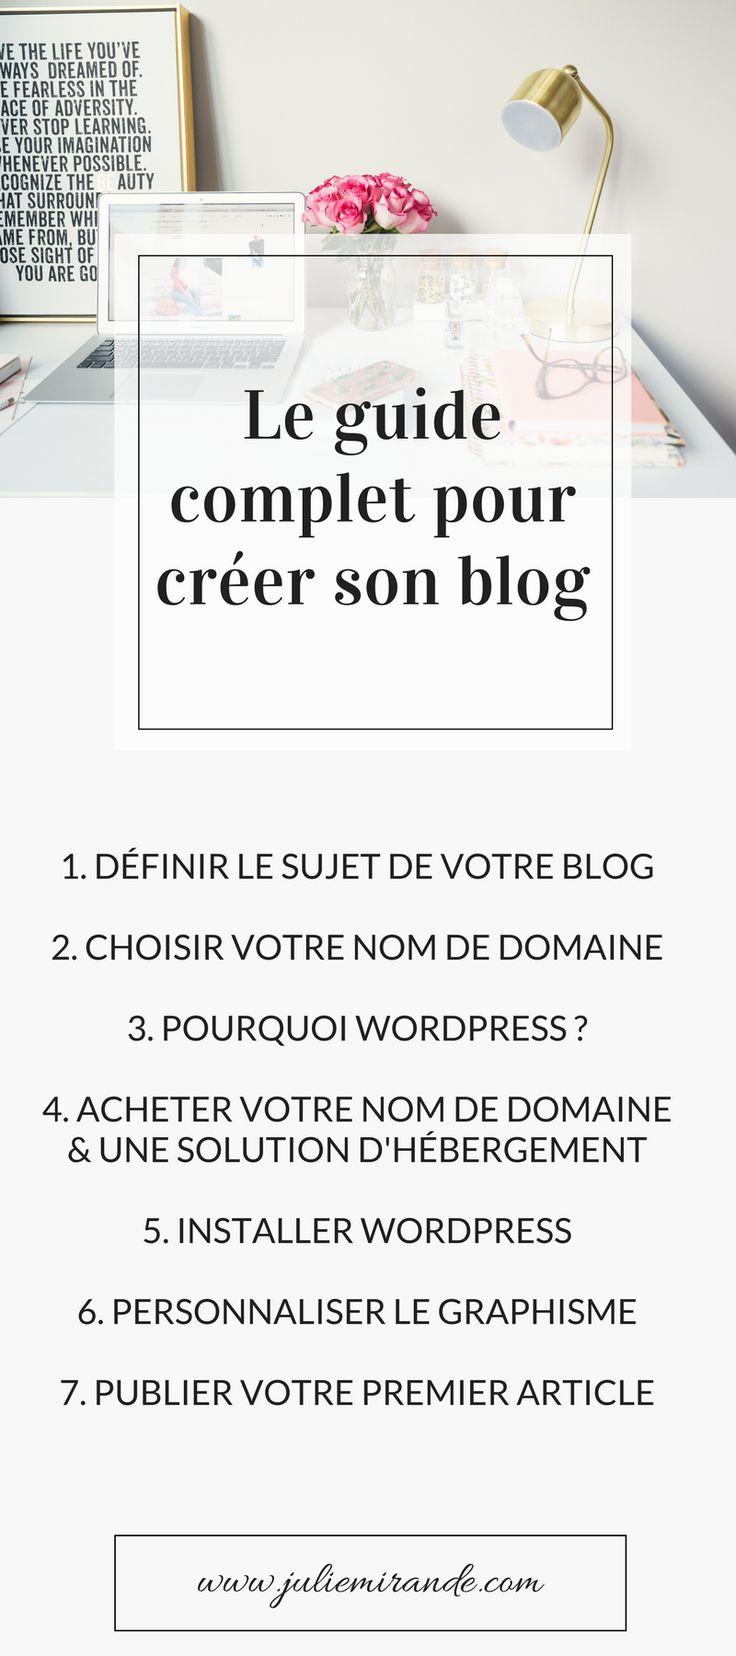 Créer son premier blog : le guide facile et rapide par @juliemirande #blogging #blog #wordpress